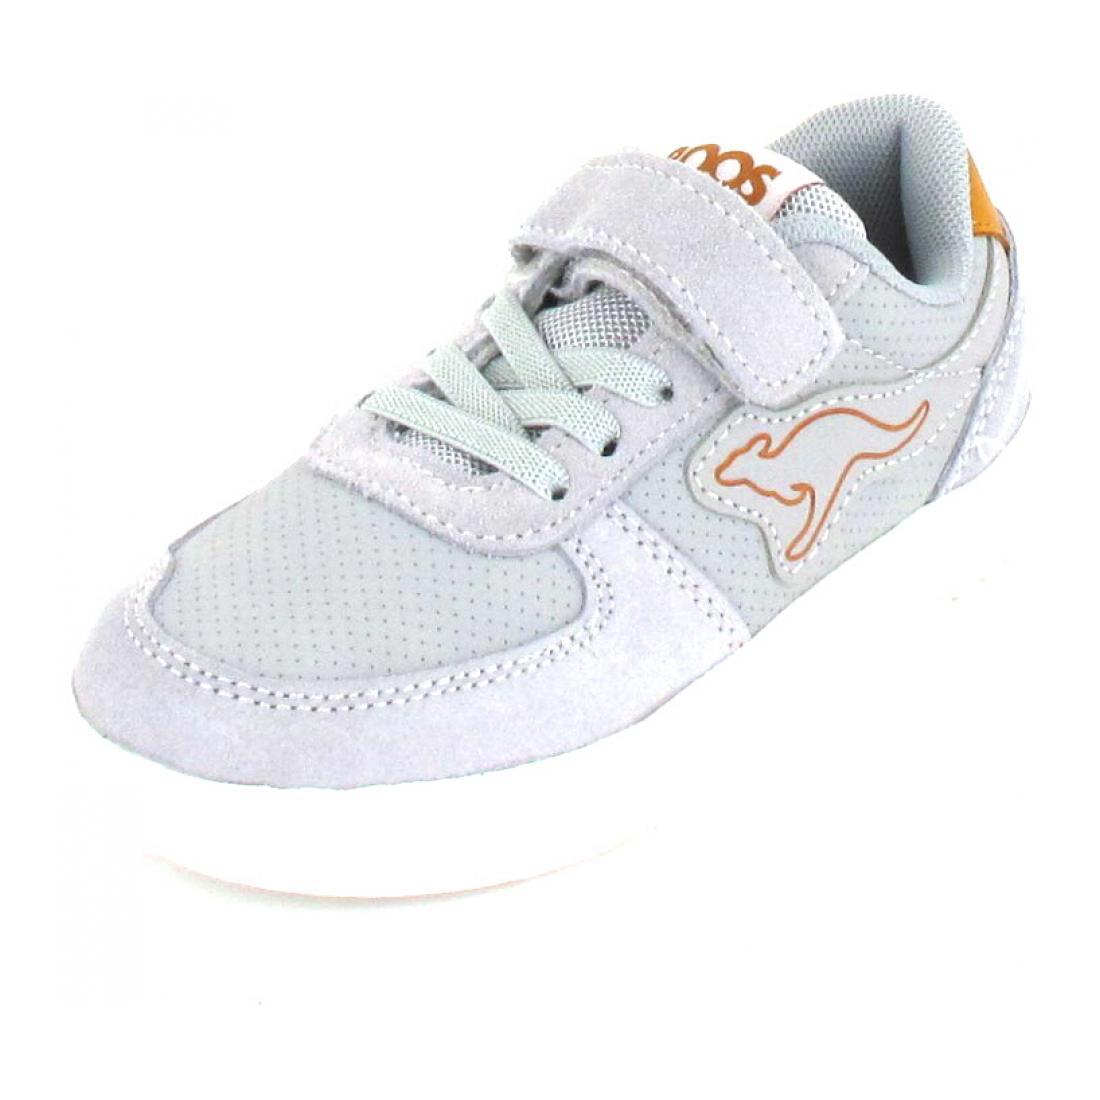 KangaRoos Sneaker Easy